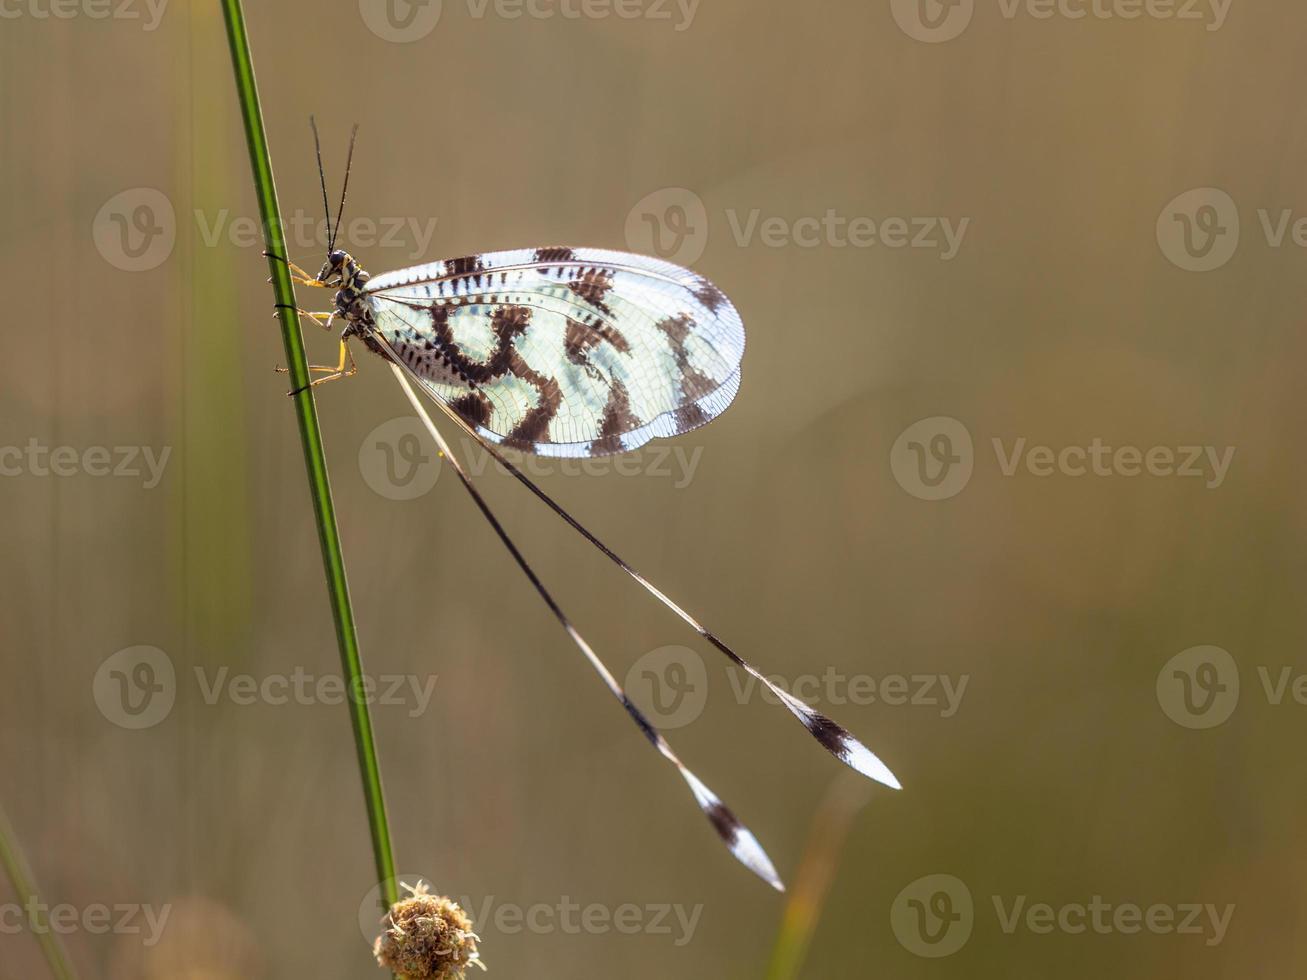 hormiga león nemoptera insecto foto